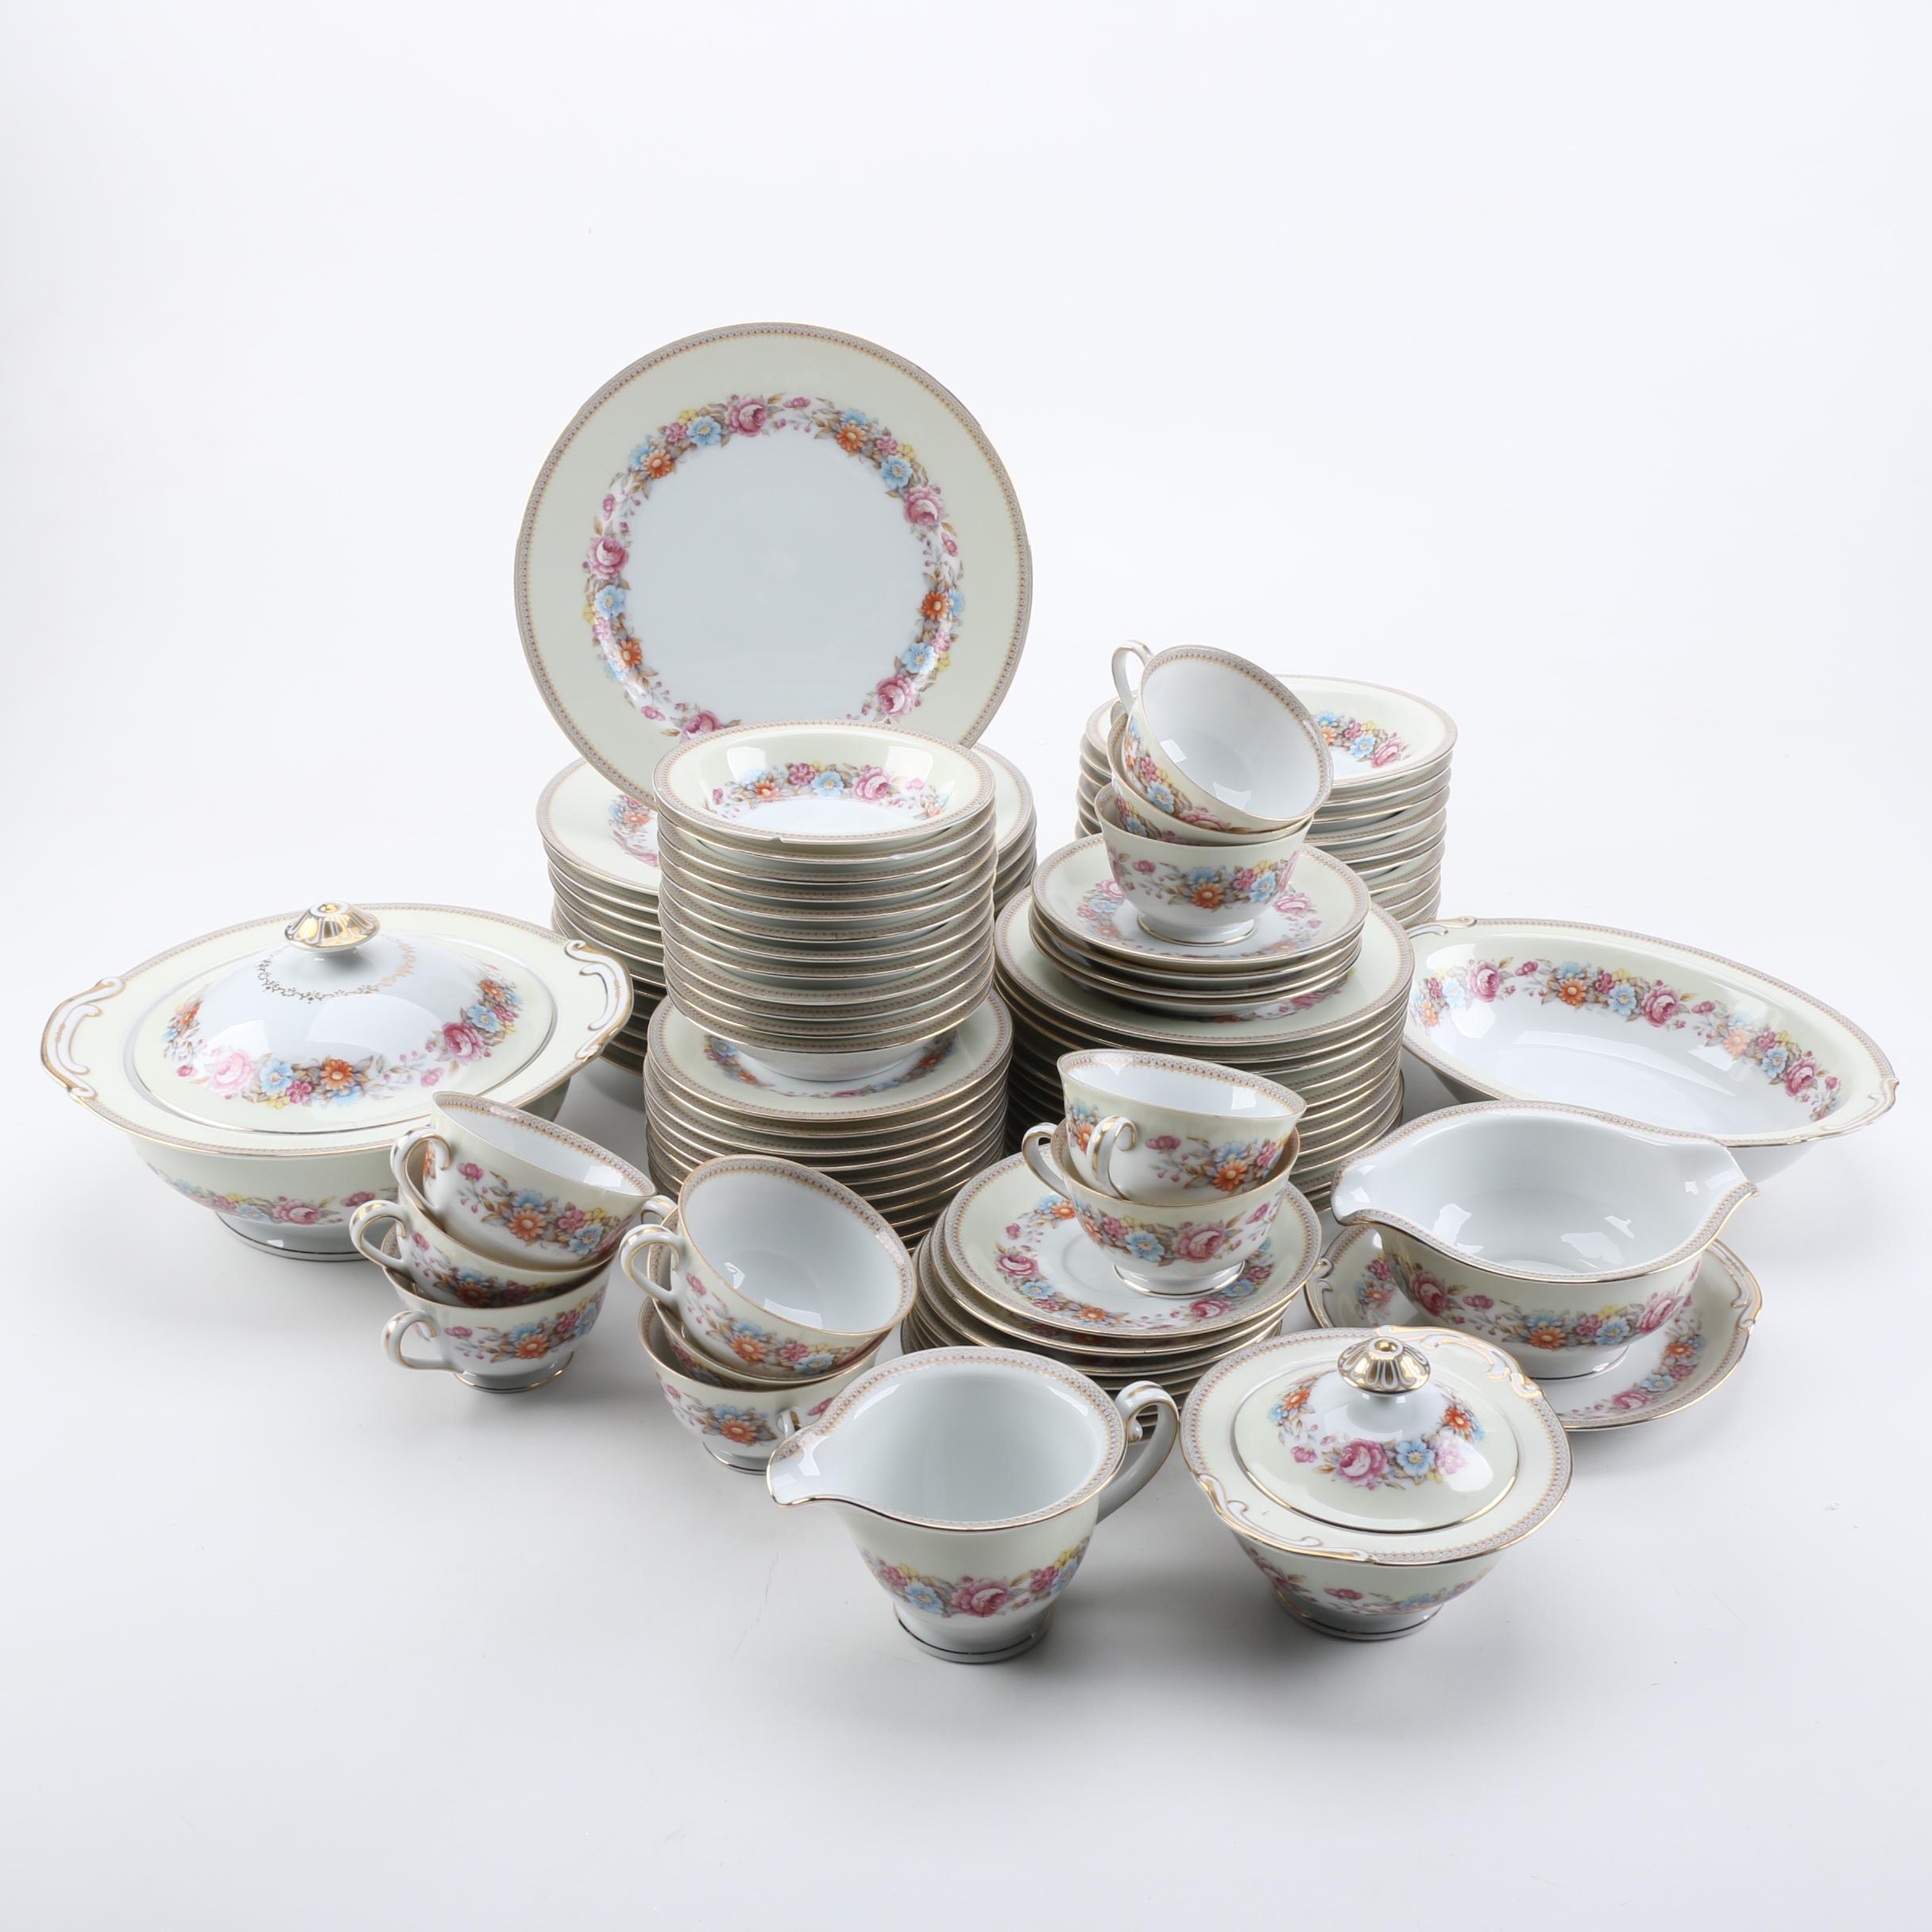 Vintage Jyoto Japanese Porcelain Dinnerware 1940s ... & Vintage Jyoto Japanese Porcelain Dinnerware 1940s : EBTH